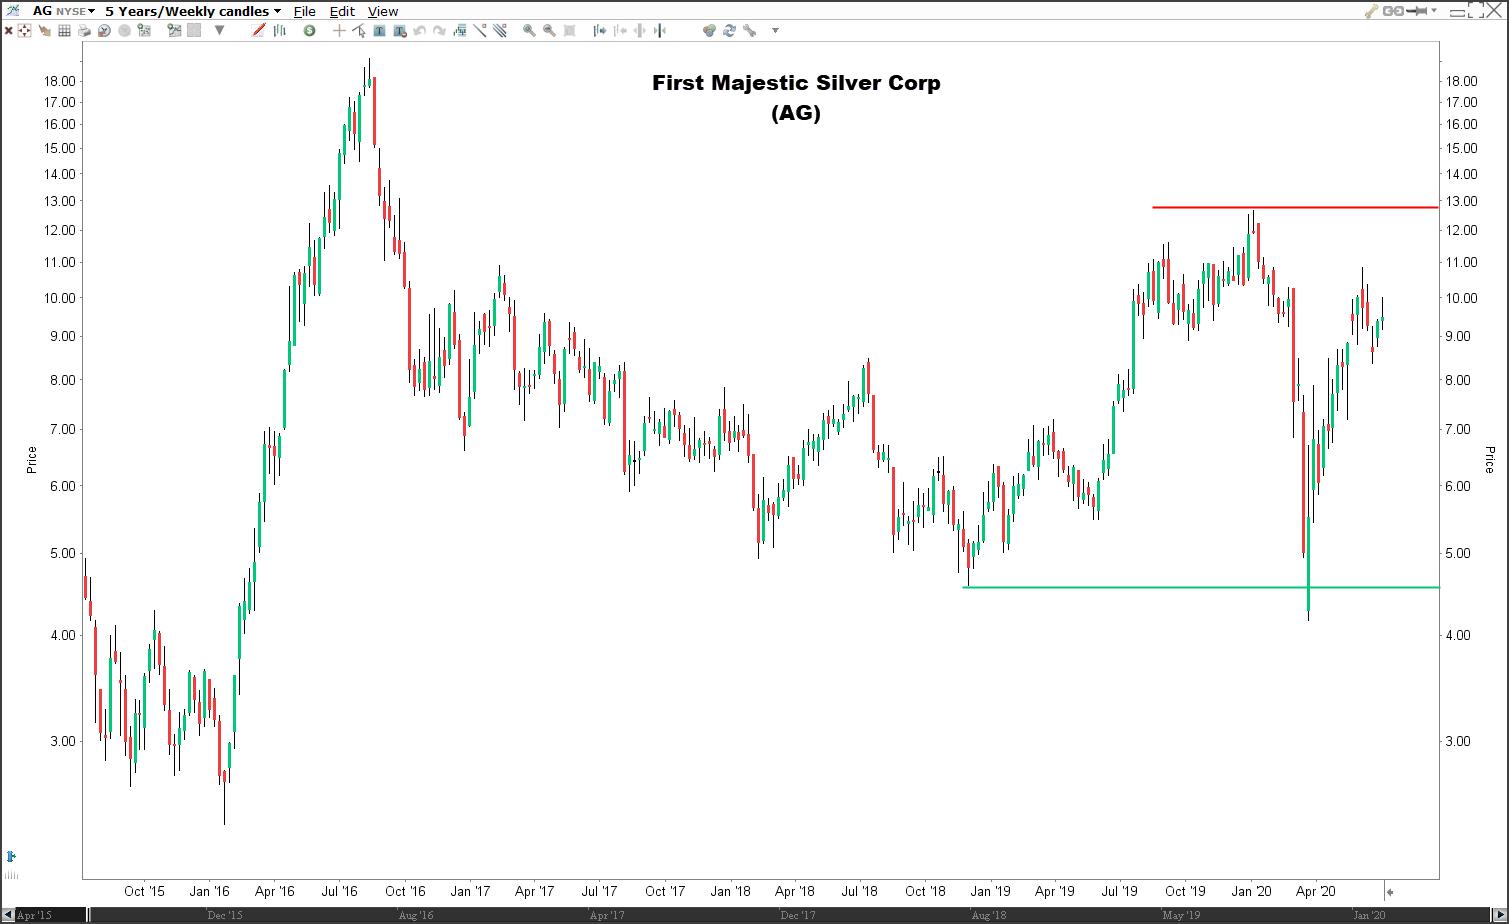 Beste zilvermijn aandelen: aandeel First Majestic Silver Corp (AG)